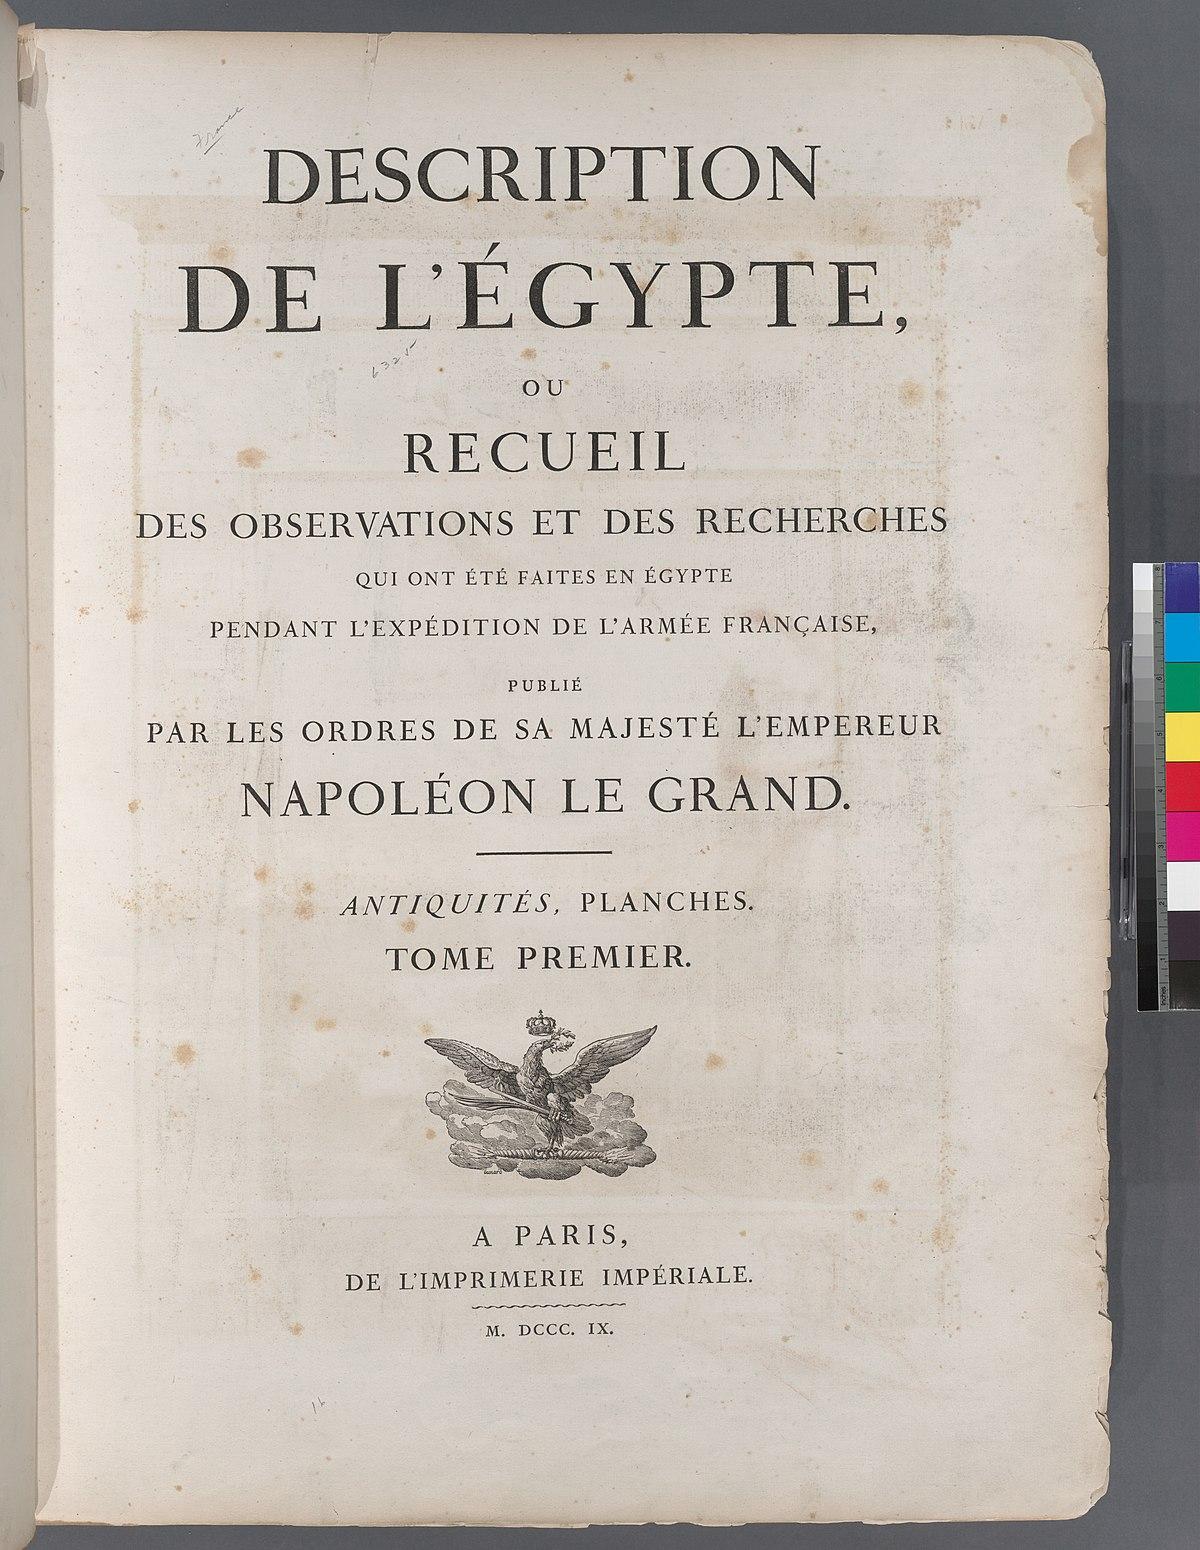 Description de l'Égypte - Viquipèdia, l'enciclopèdia lliure - photo#33